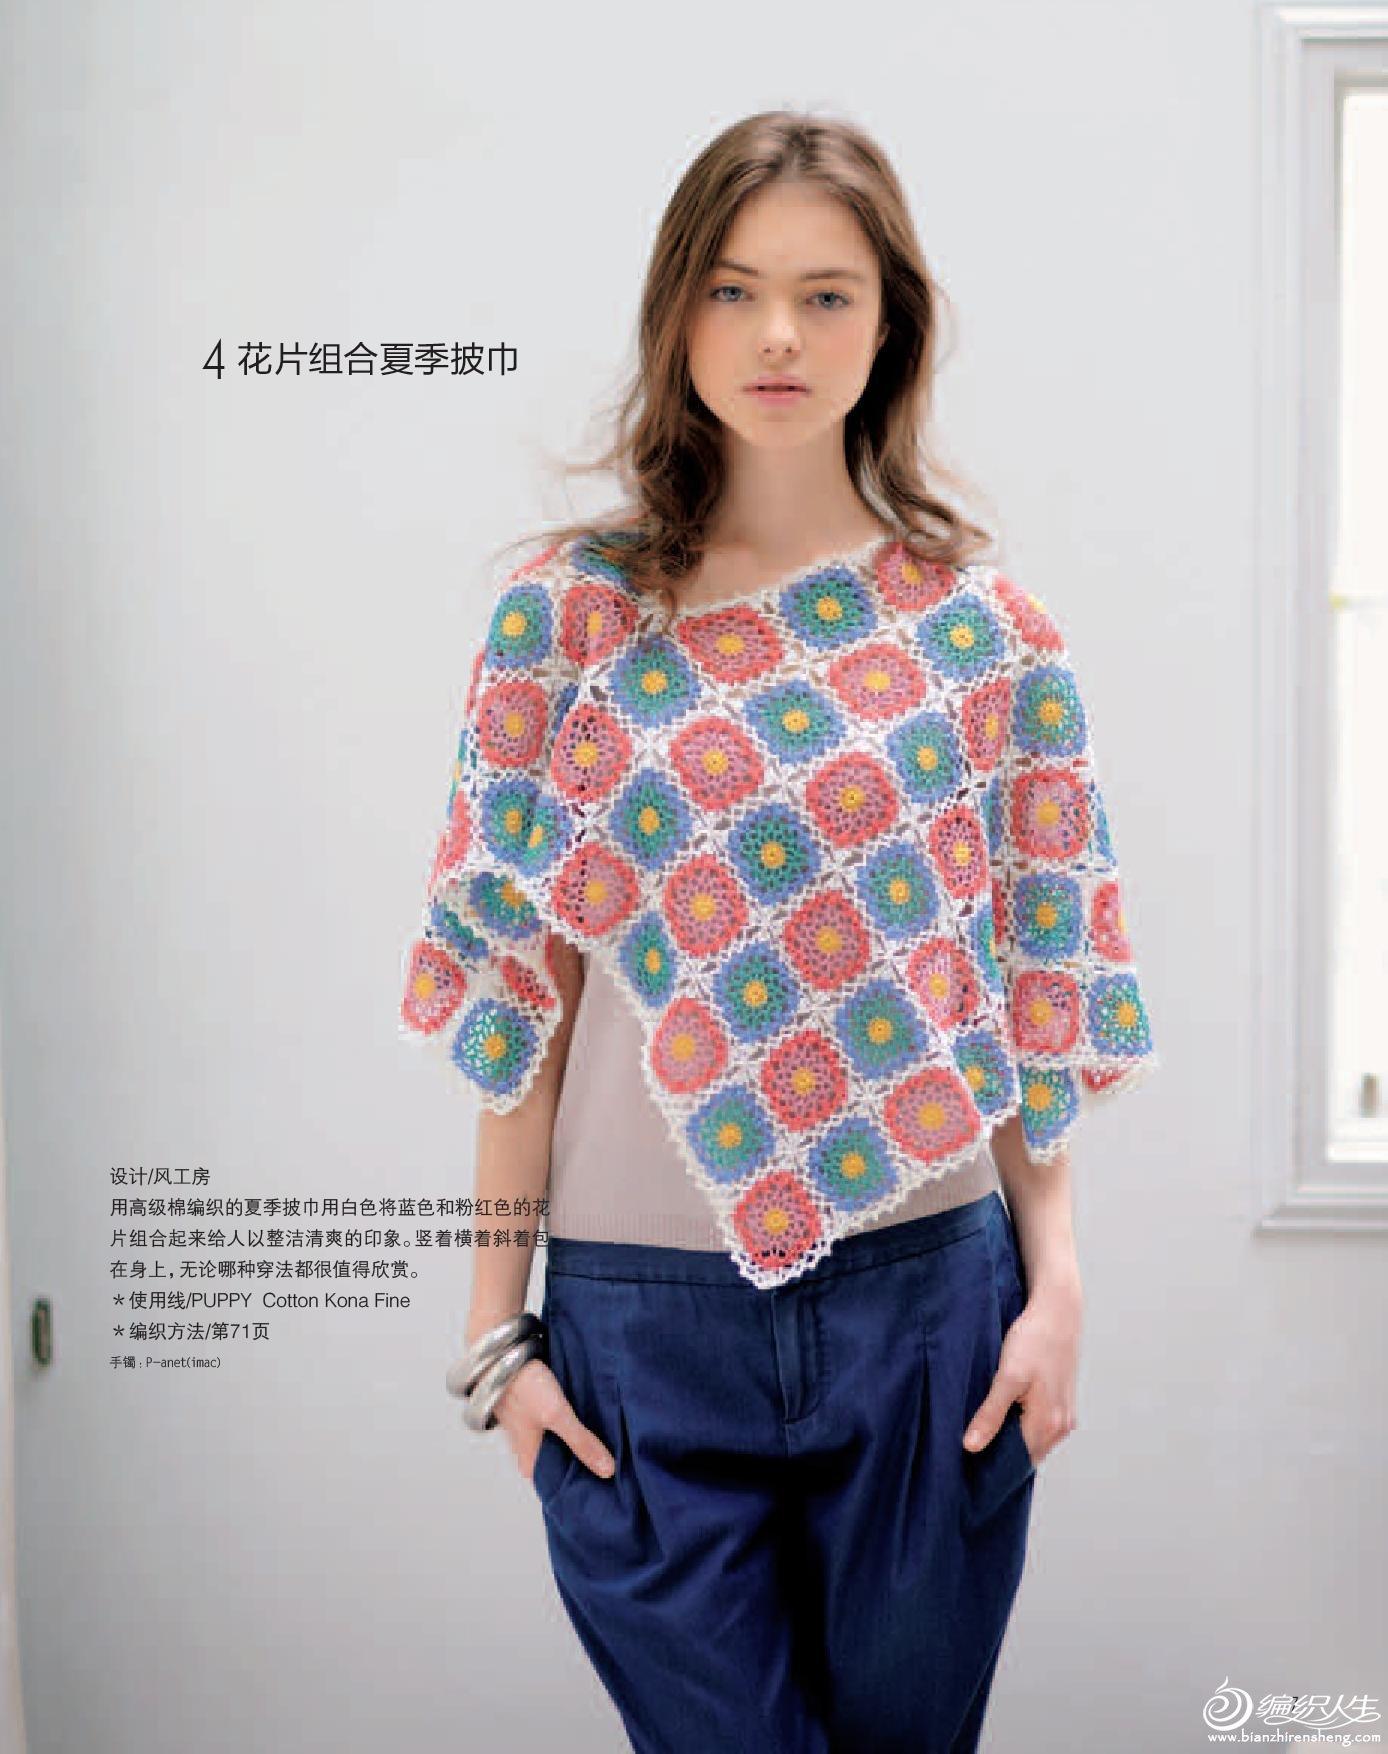 世界编织1 蕾丝编织的美丽世界-7.jpg